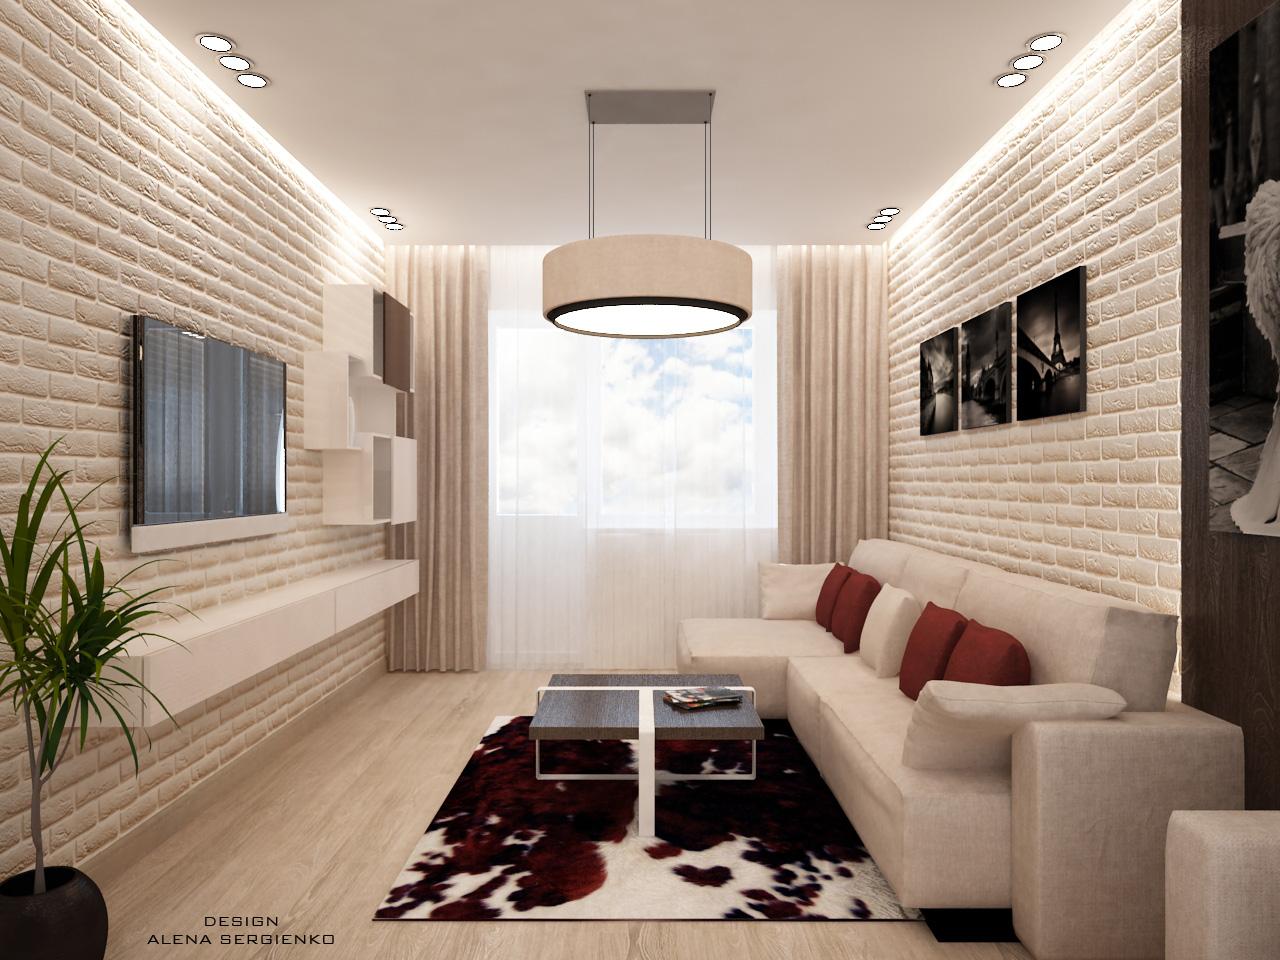 Дизайн интерьера узкой гостиной фото